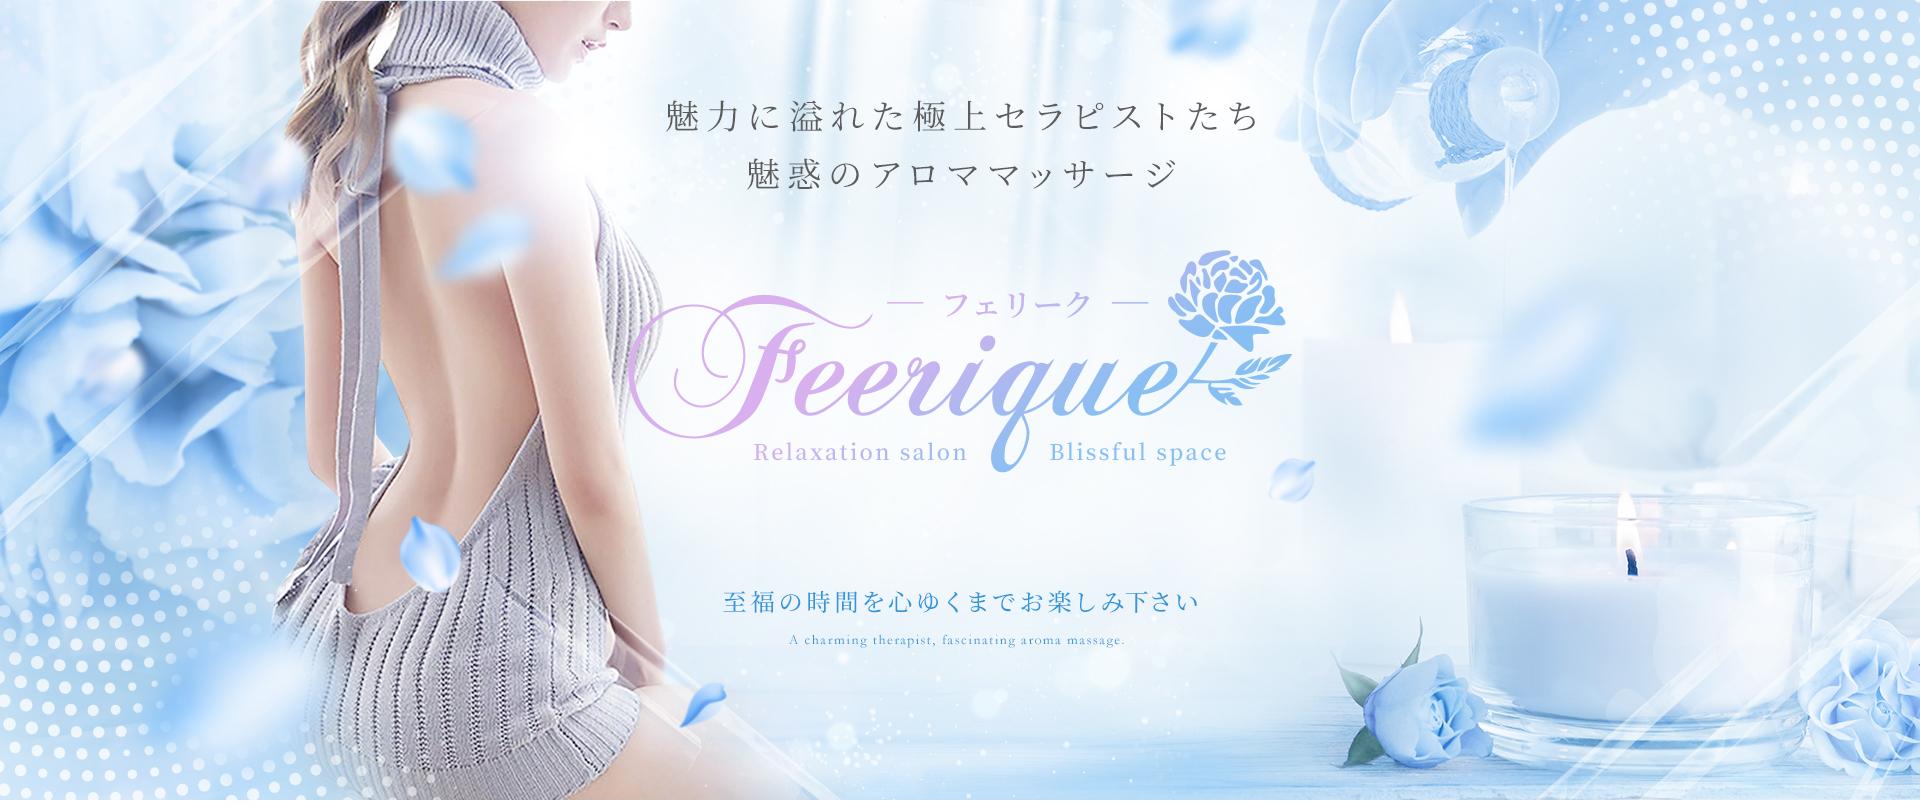 リラクゼーションサロン Feerique〜フェリーク〜